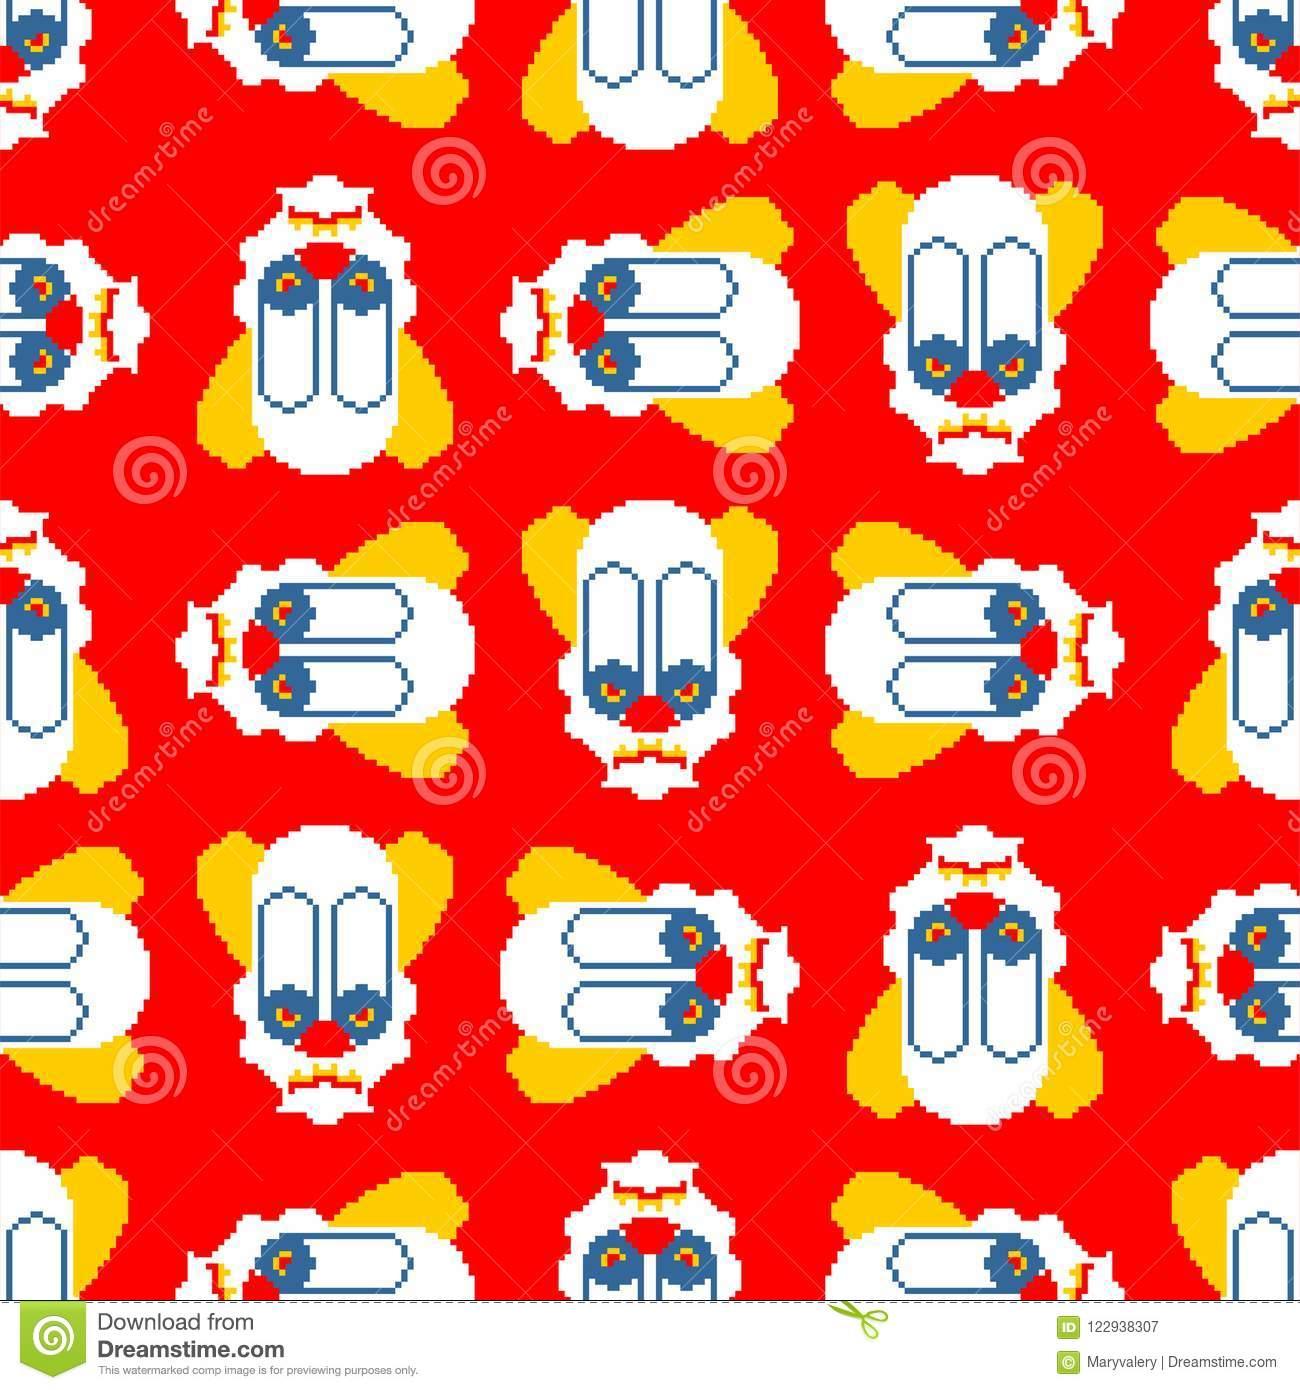 Scary Clown Pixel Art Pattern. 8 Bit Background. Digital Nightmare.